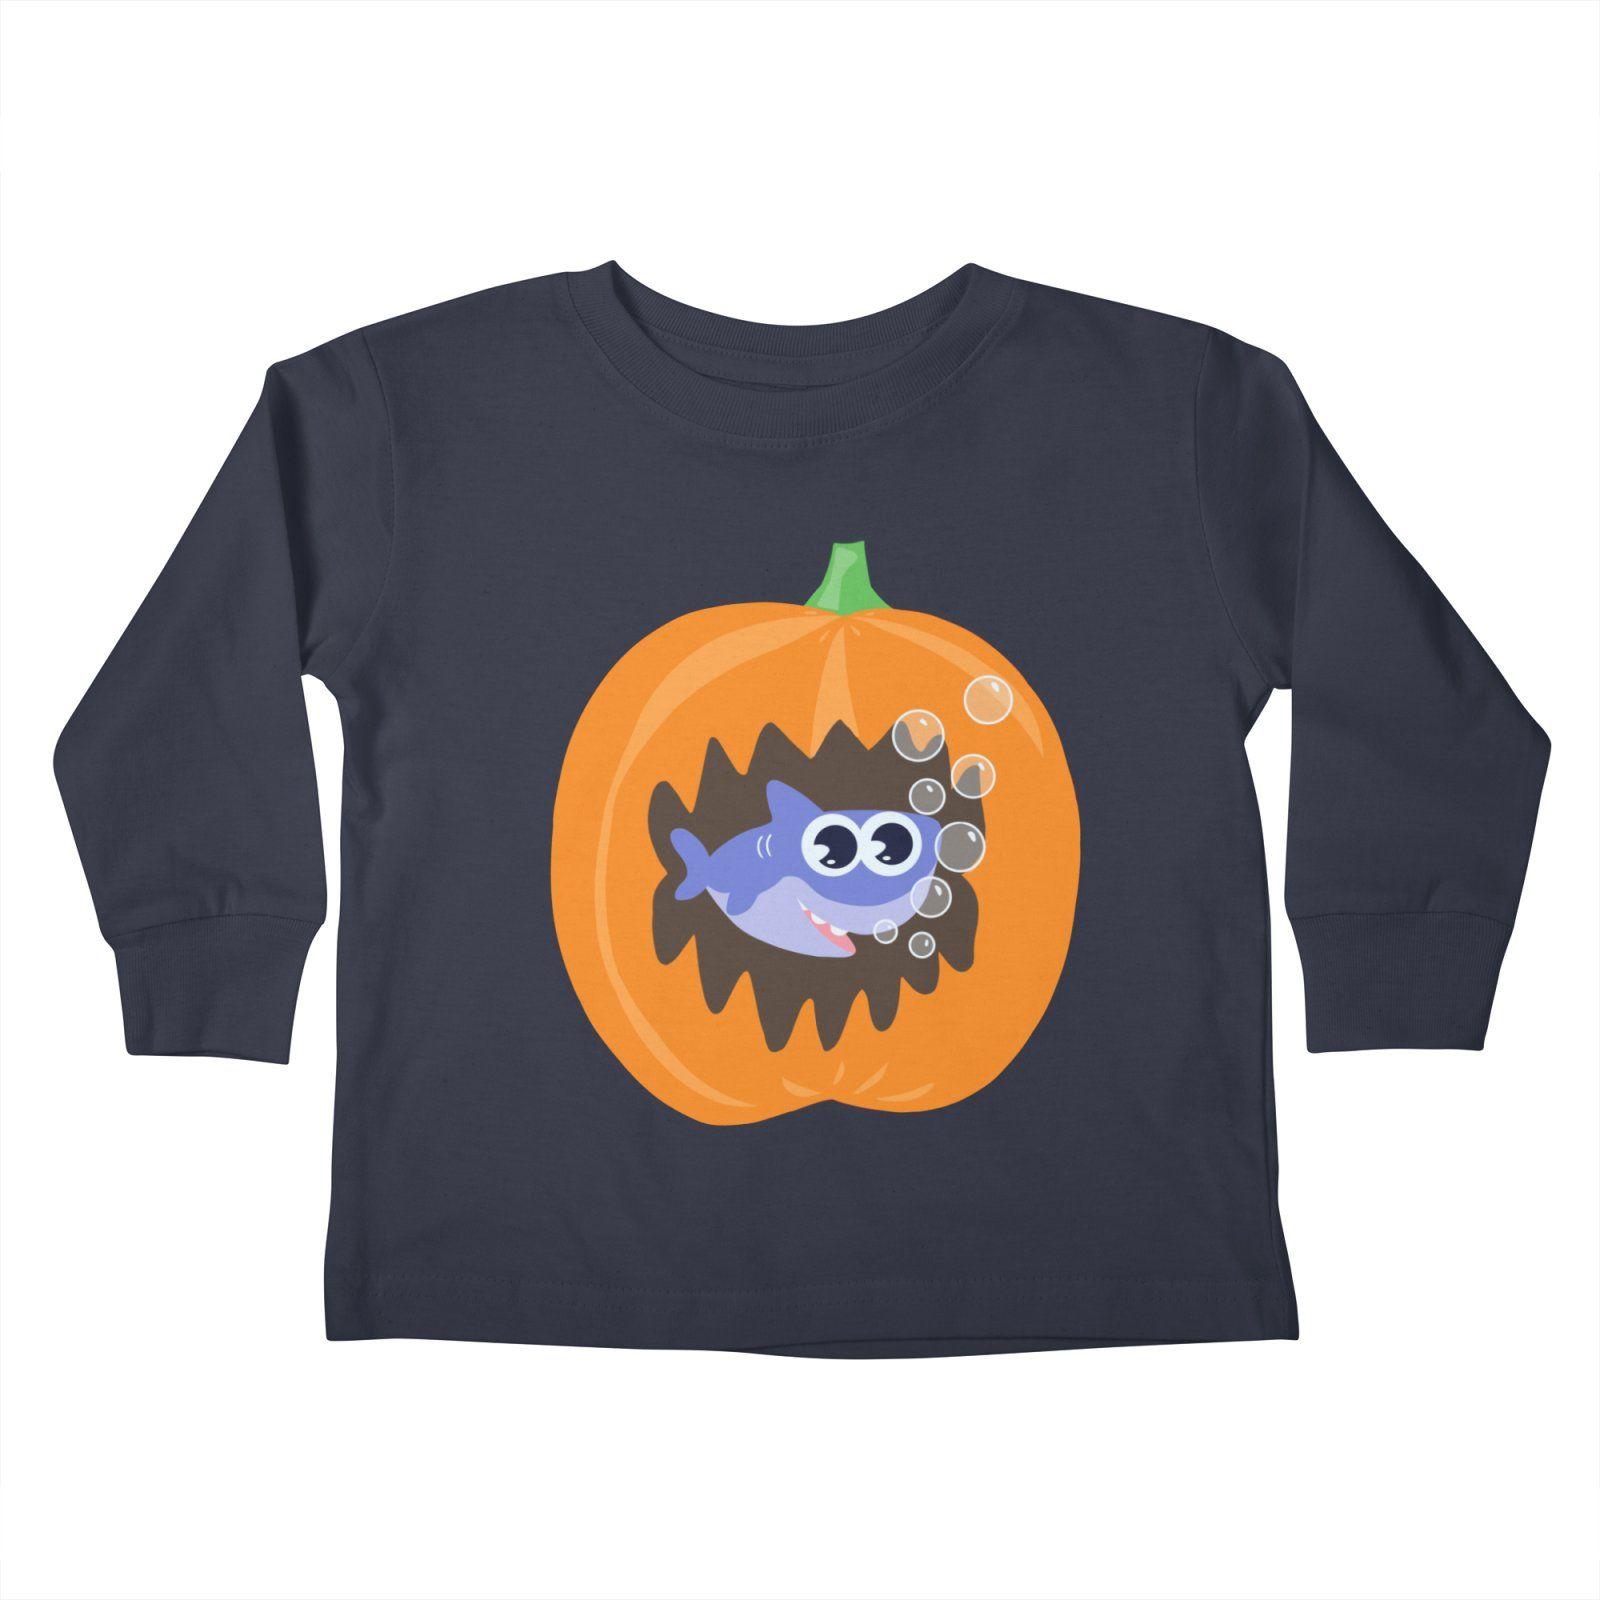 cd277430f28 Baby shark Halloween Kids Toddler Longsleeve T-Shirt by Mimie s Artist Shop  popular pin  popular  pin  shark  baby